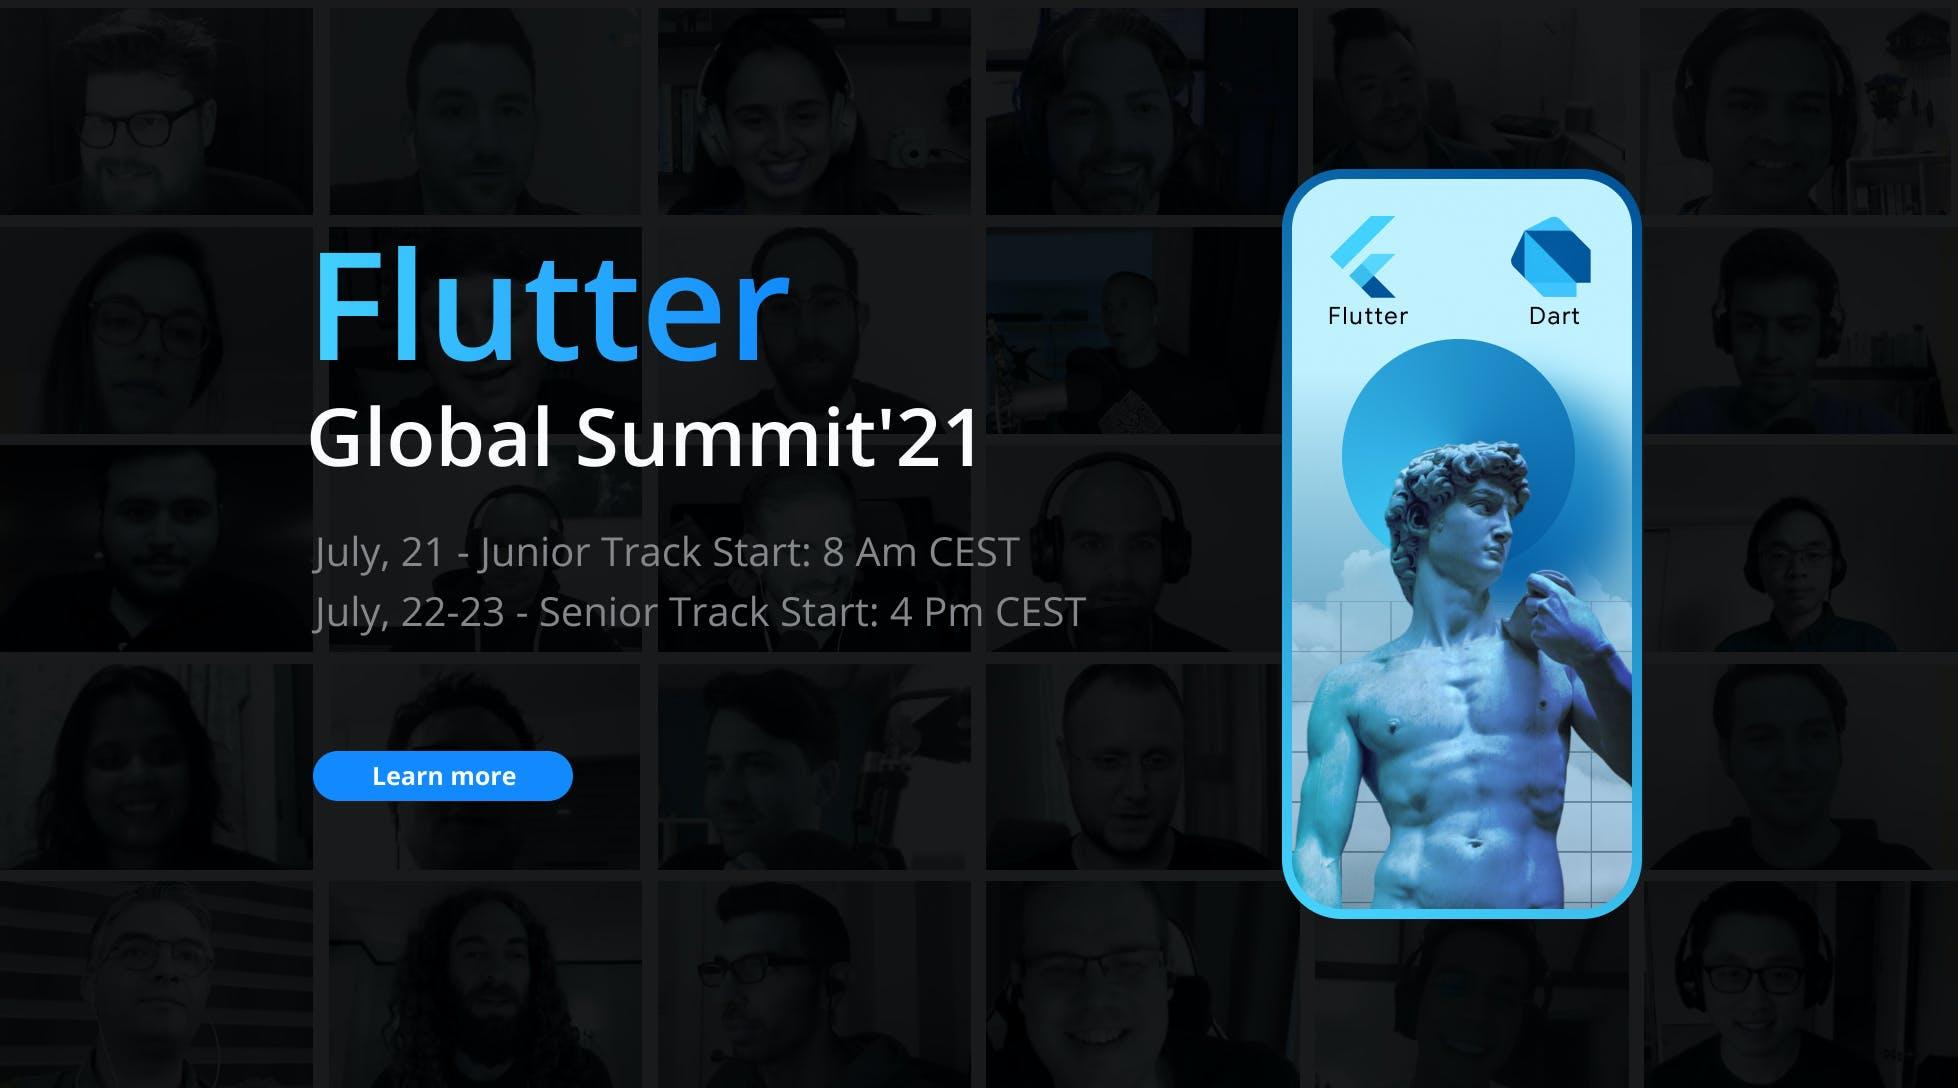 Key takeaways from Flutter Global Summit '21